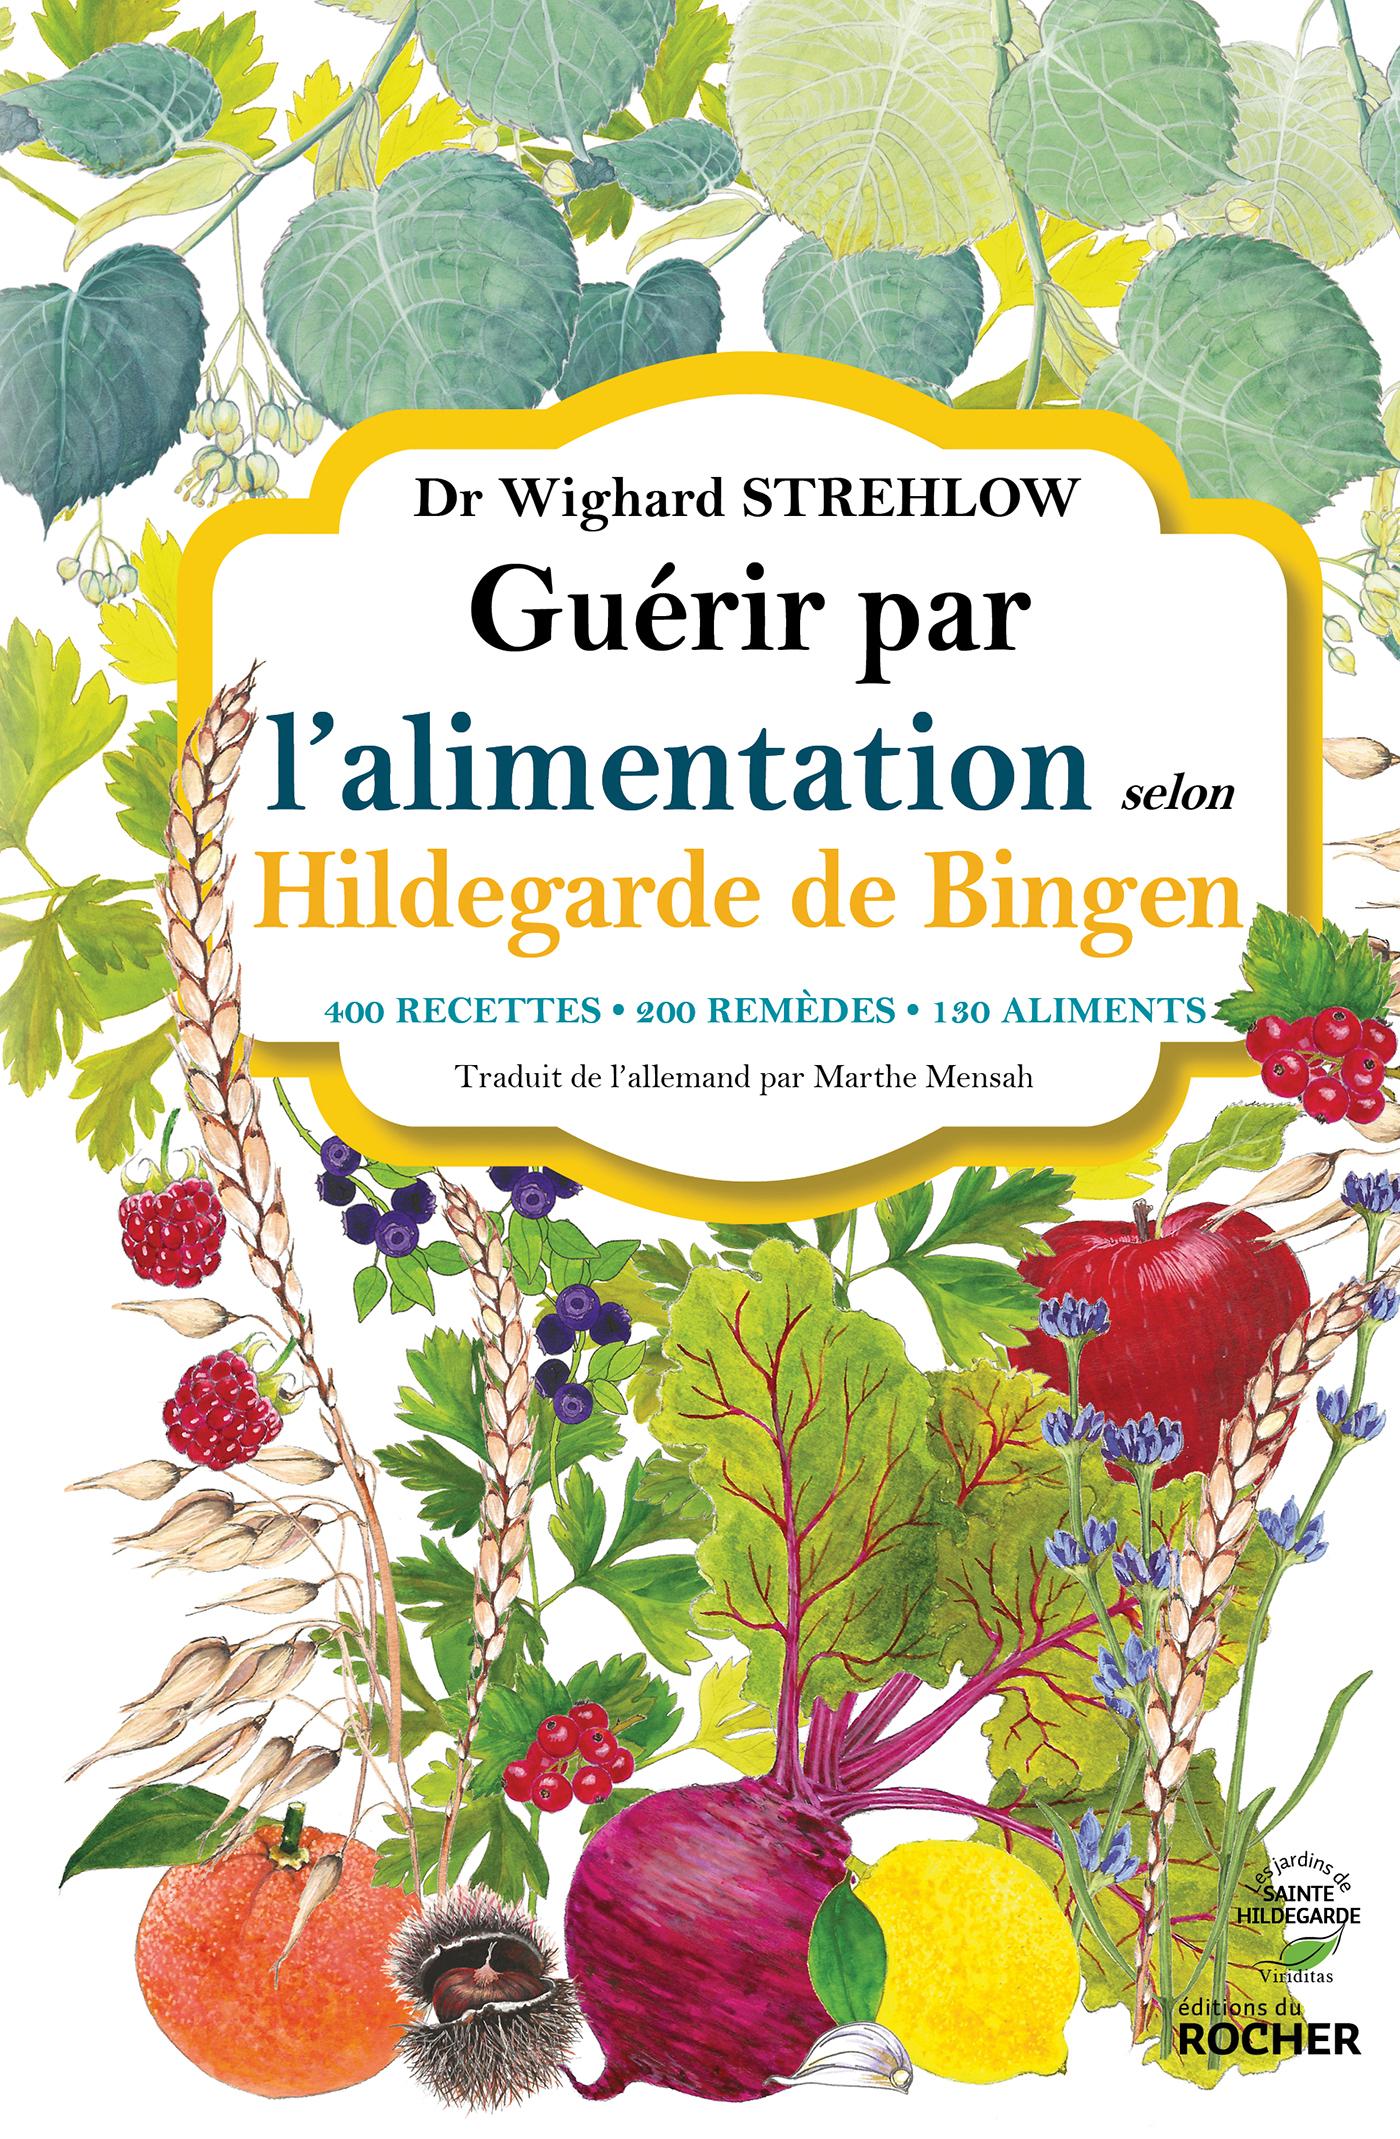 GUERIR PAR L'ALIMENTATION SELON HILDEGARDE DE BINGEN - 400 RECETTES - 200 REMEDES - 130 ALIMENTS